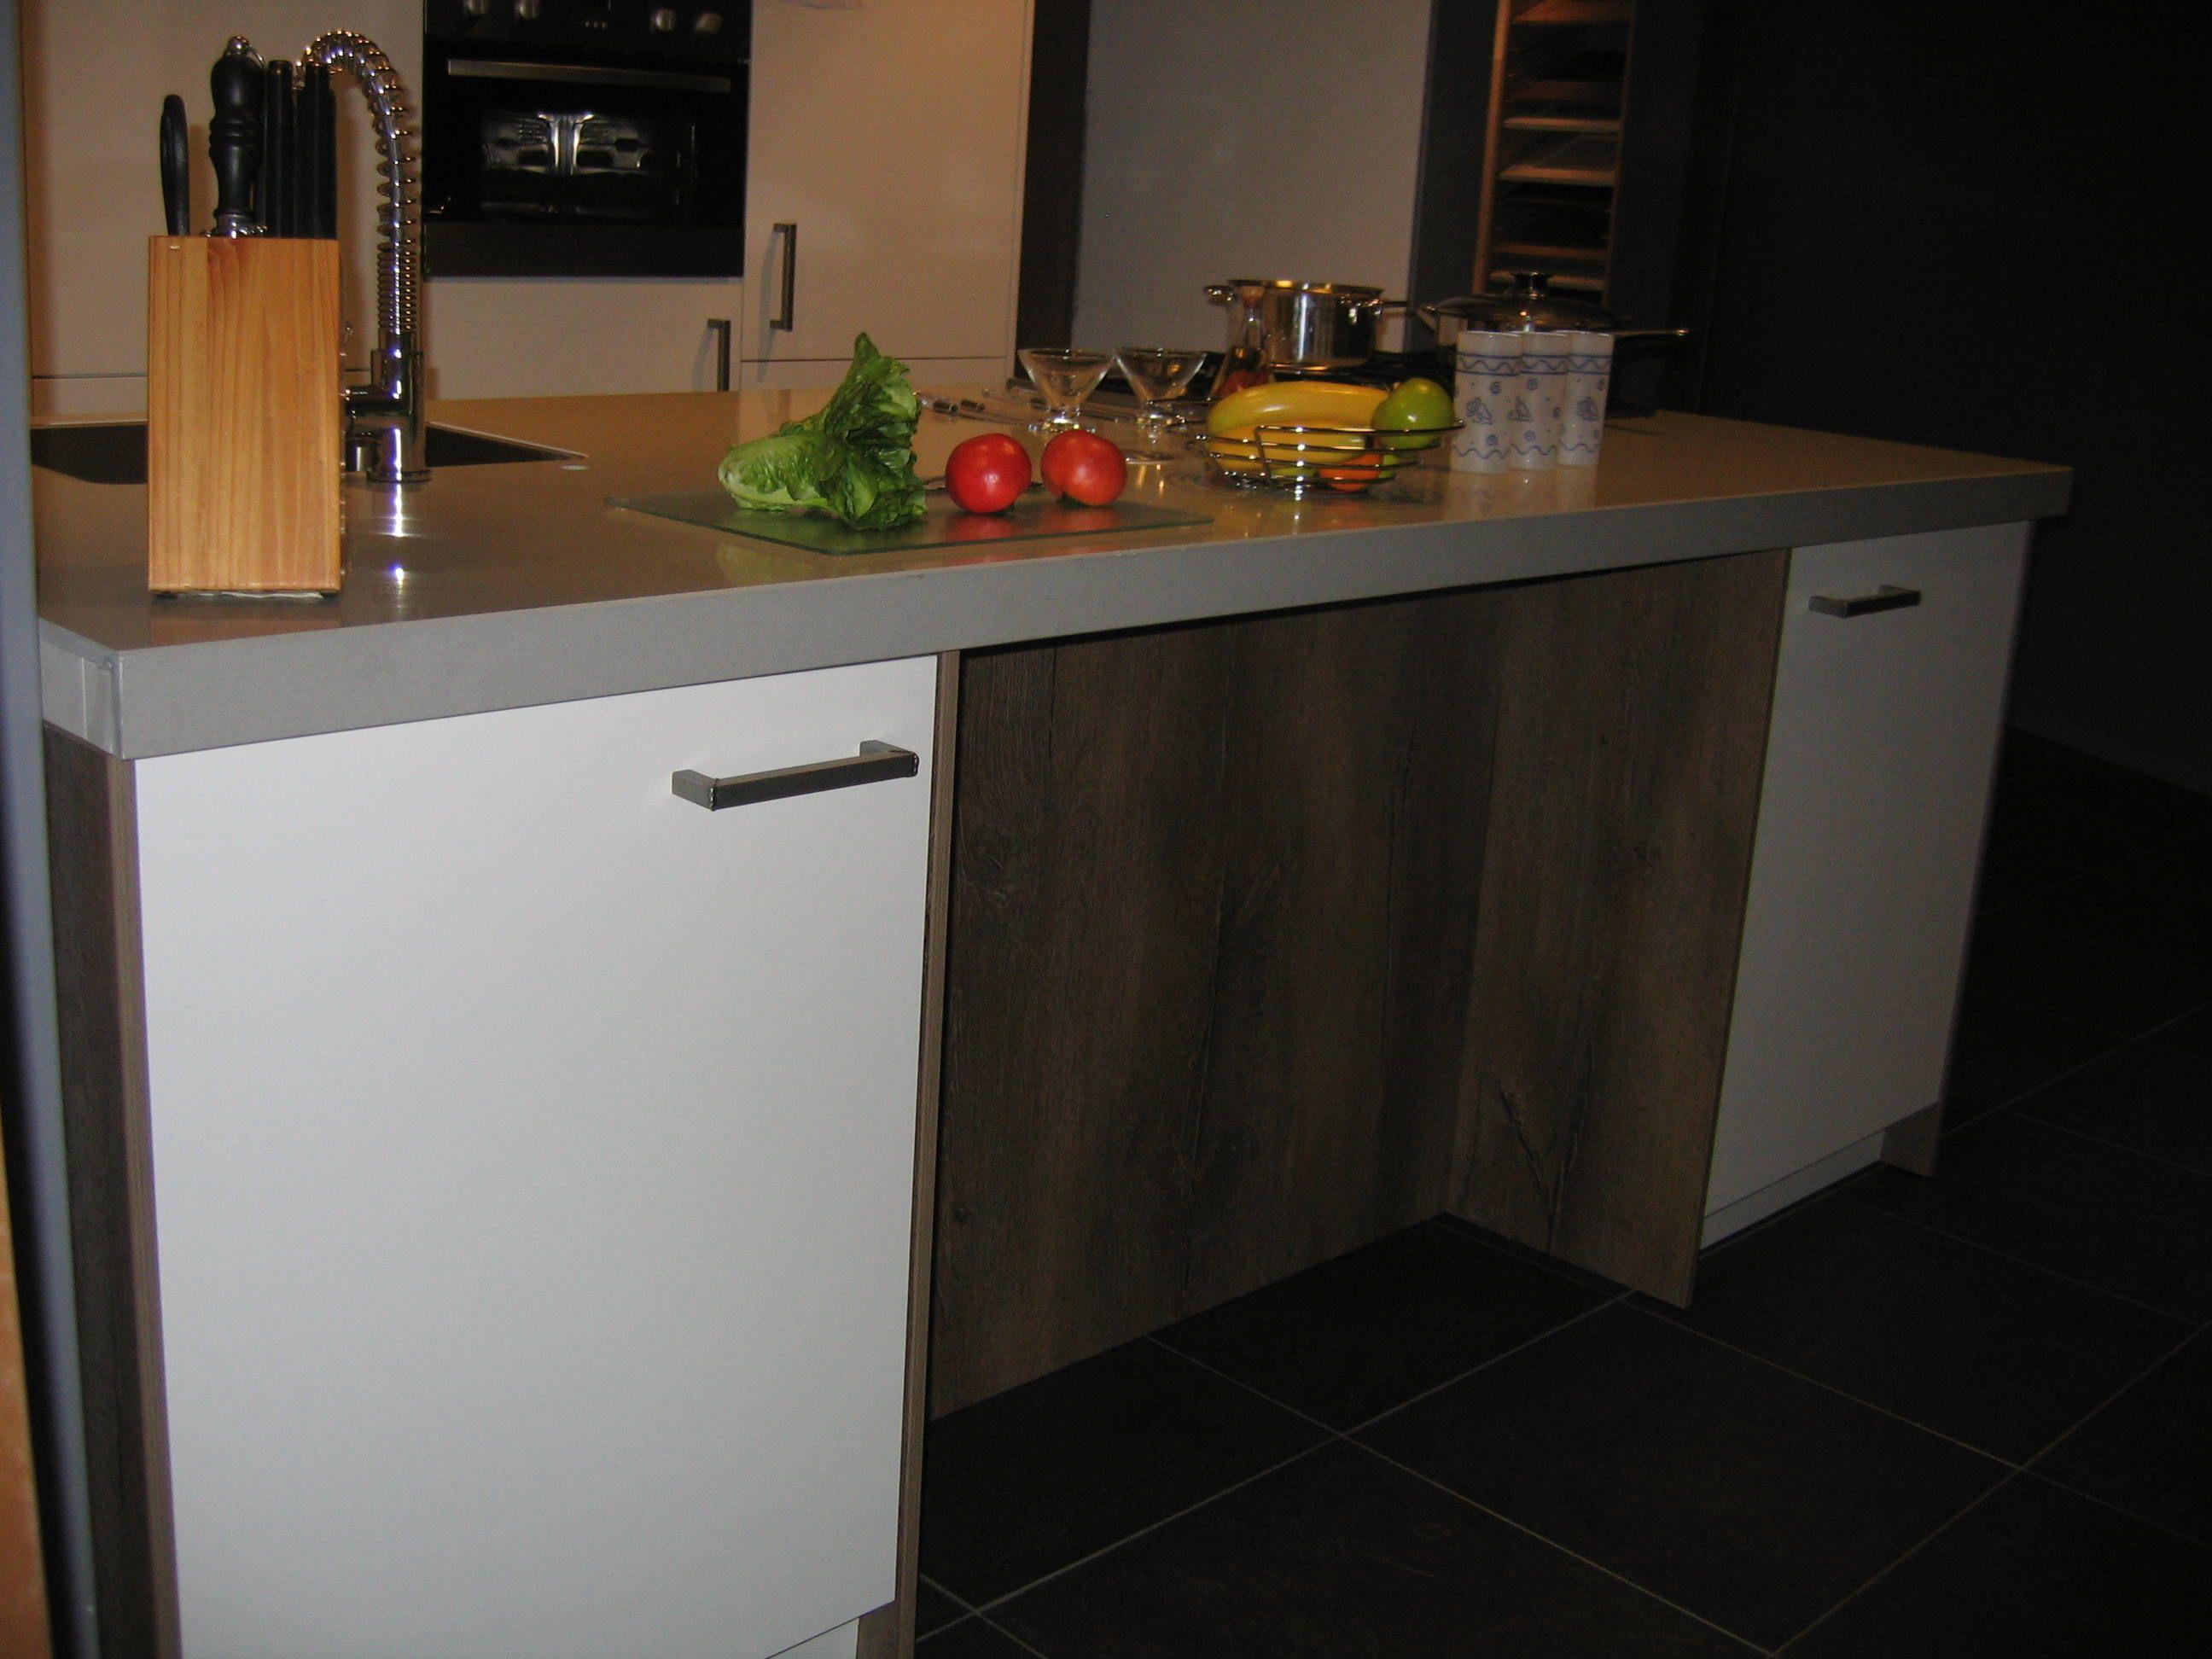 Modern rotpunkt eiland keuken 33572 - Model keuken wit gelakt ...